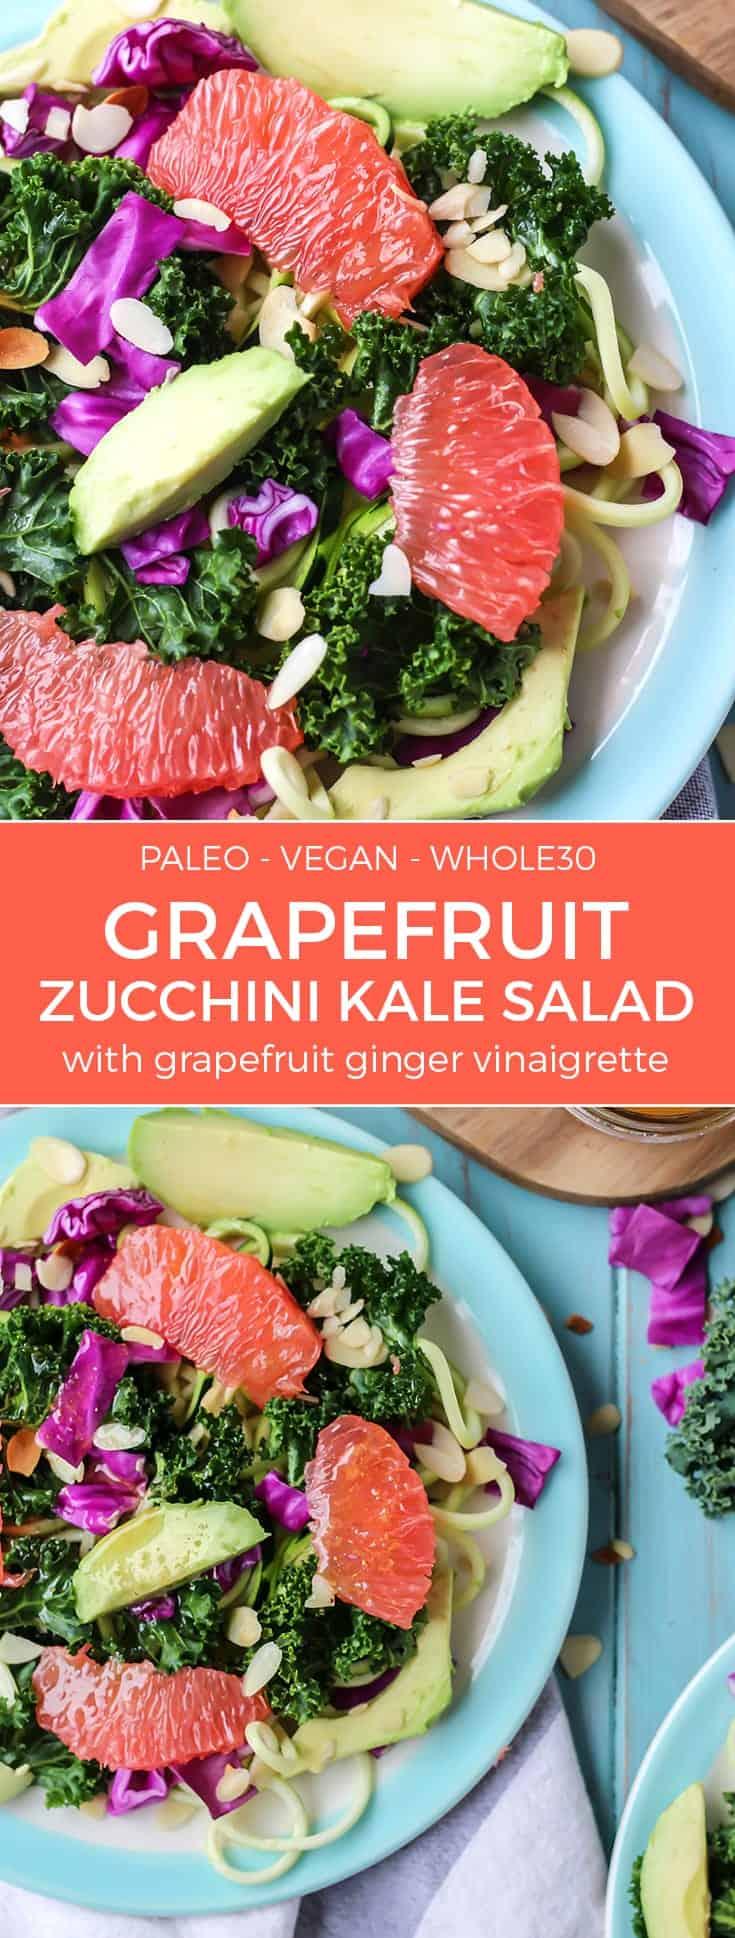 paleo vegan whole30 grapefruit zucchini kale salad with avocado on blue plates pinterest image